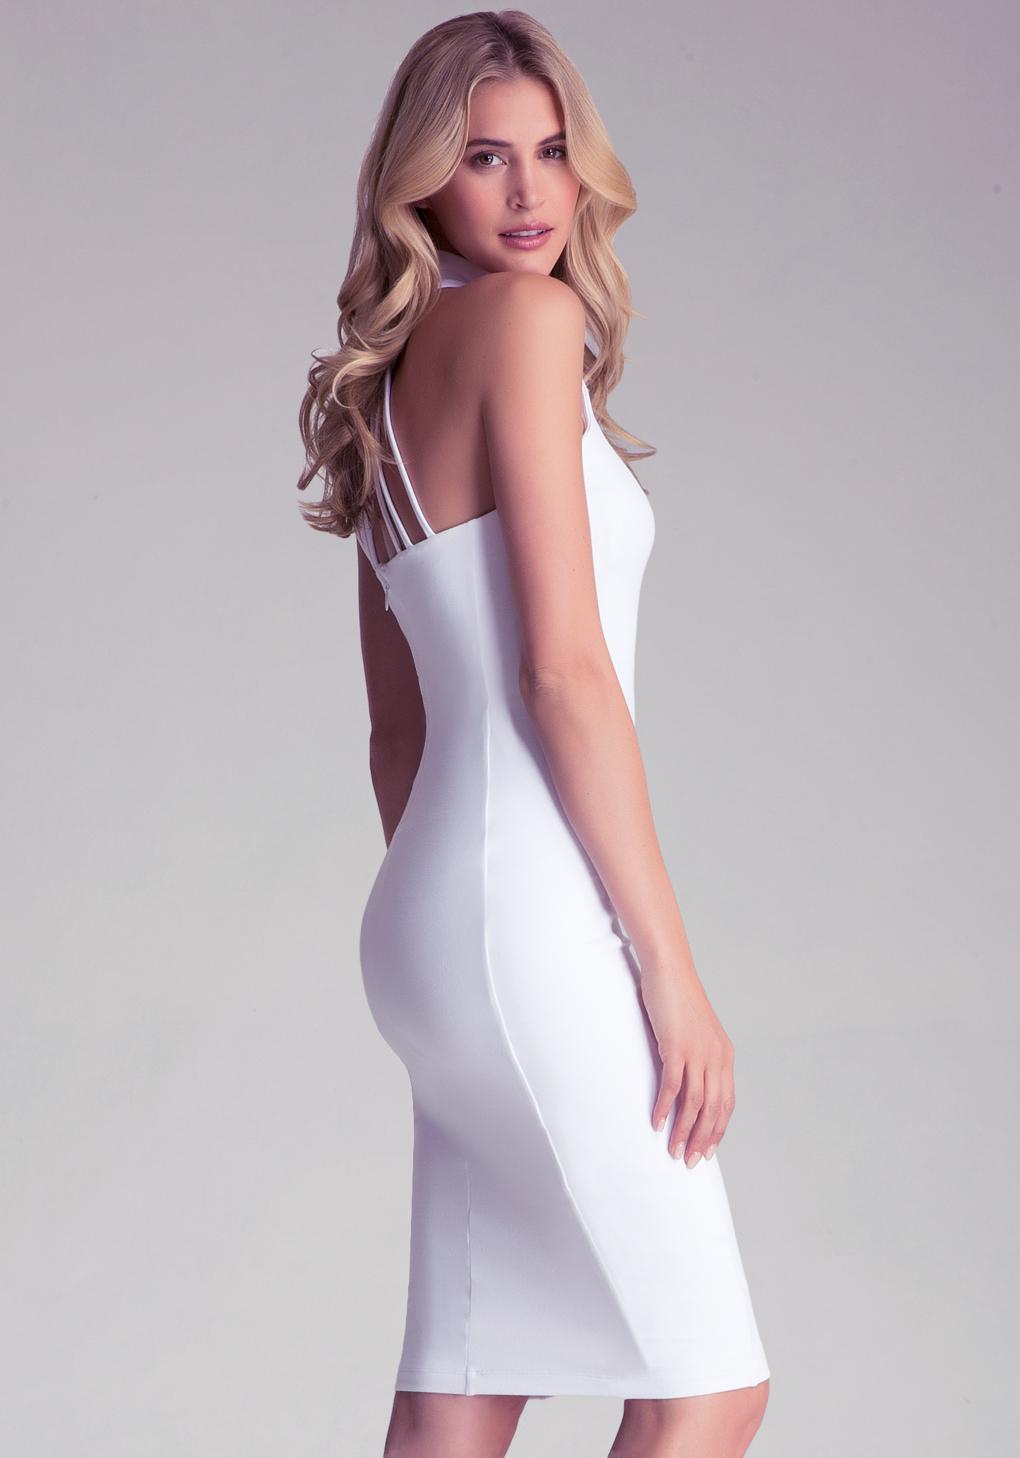 818d66b734ae Bebe Mock Neck Midi Dress in White - Lyst